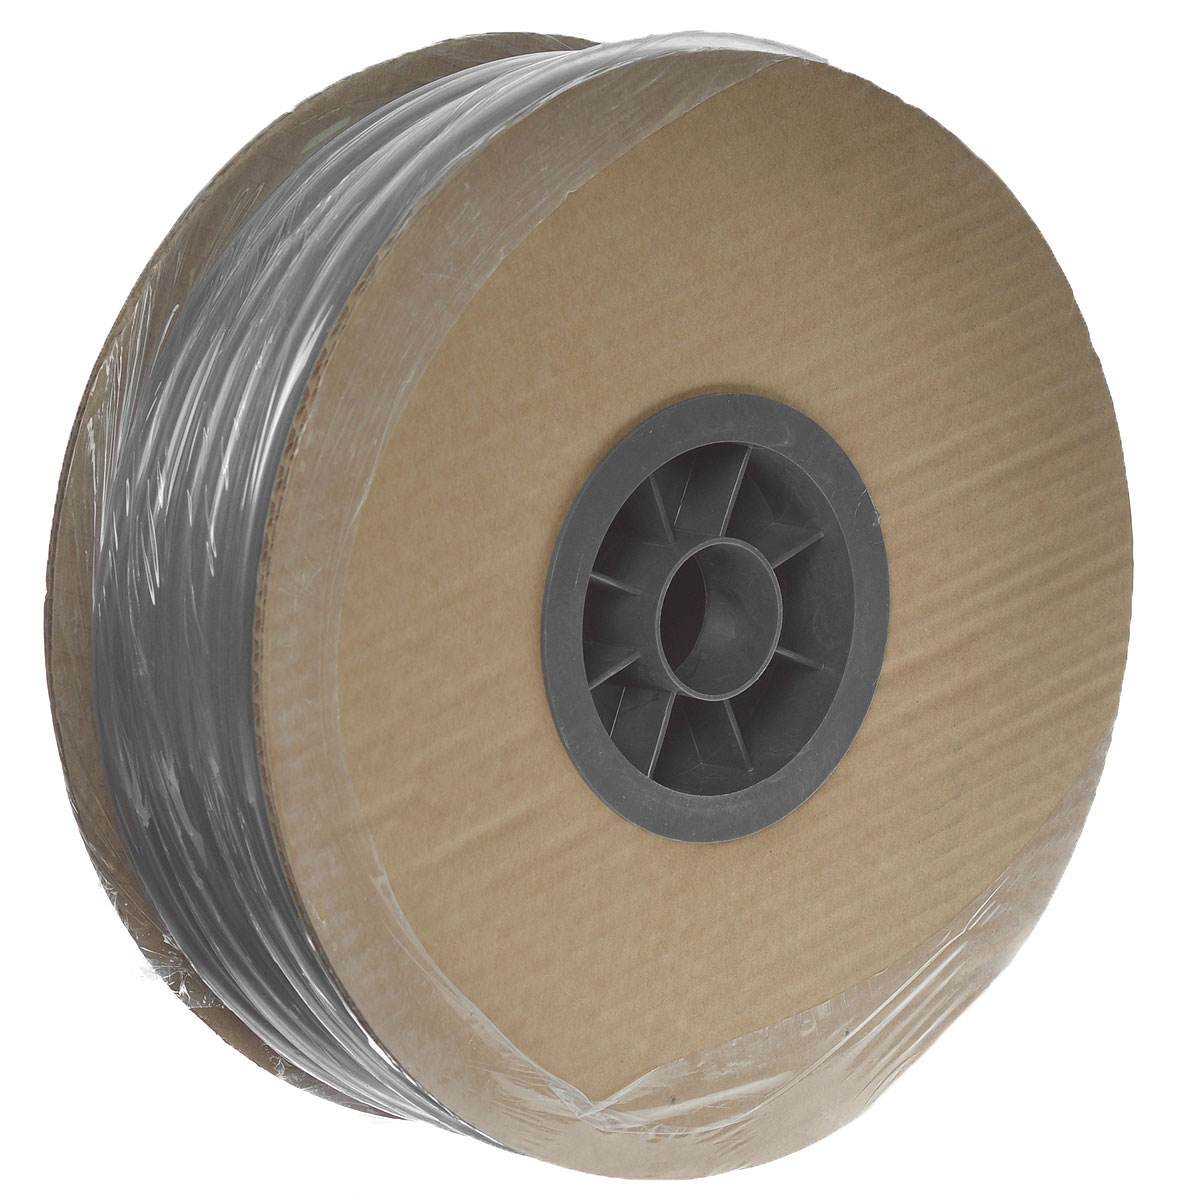 Шланг Кристалл однослойный неармированный 6X9 M.100 (641)96515412Однослойный неармированный шланг пищевого качества Fitt Cristallo Extra изготовлен из прозрачного ПВХ. Шланг предназначен для транспортировки жидкостей без напора в диапазоне температур от -20°С до +60°С. Можно применять для питьевой воды. Для использования без давления. Внешний диаметр шланга: 9 мм. Внутренний диаметр шланга: 6 мм.